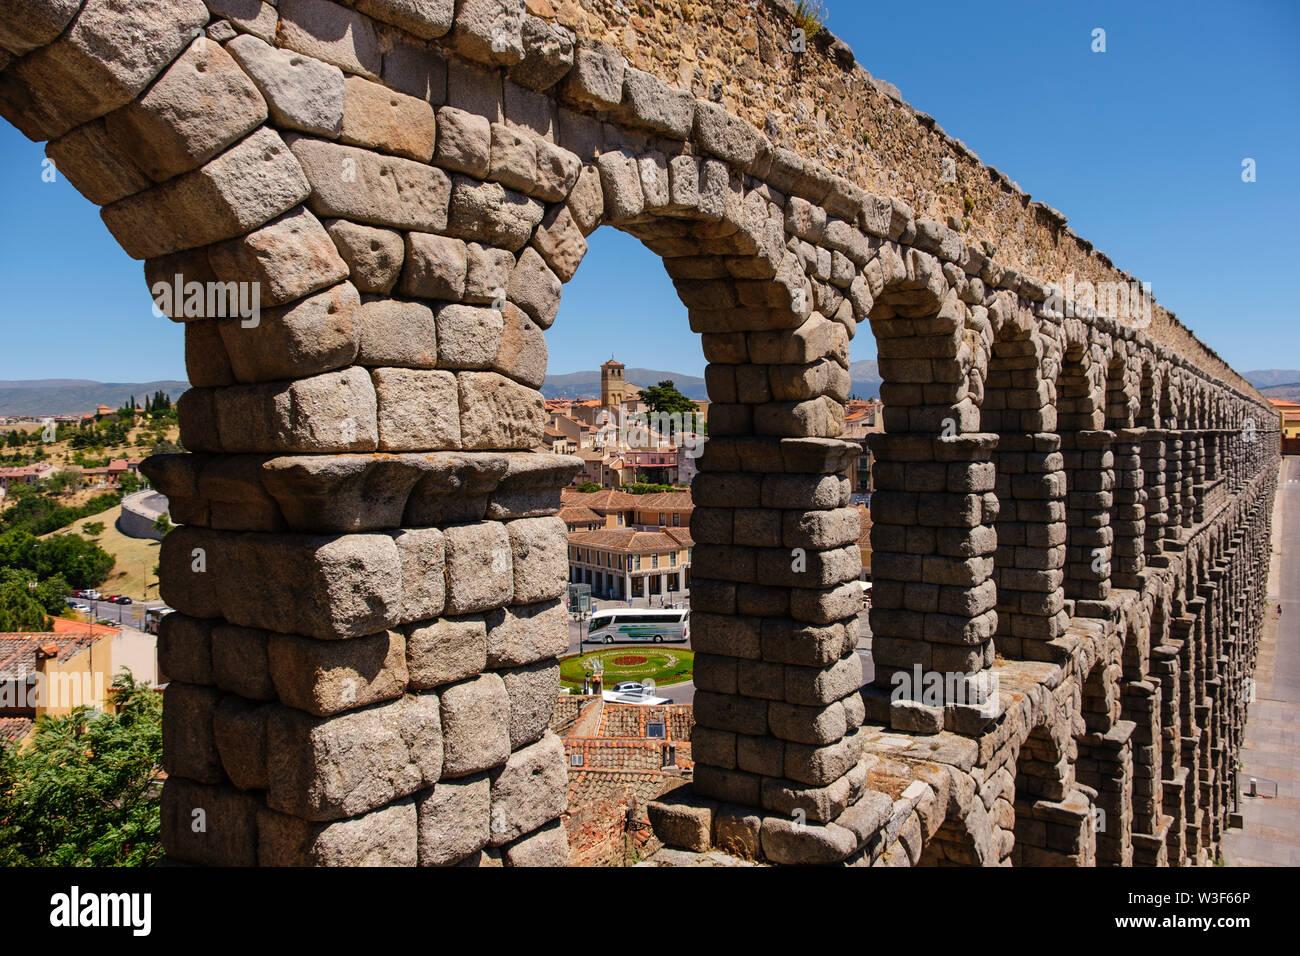 Antiguo acueducto romano, Sitio del Patrimonio Mundial de la UNESCO. La ciudad de Segovia. Castilla y León, España Europa Foto de stock